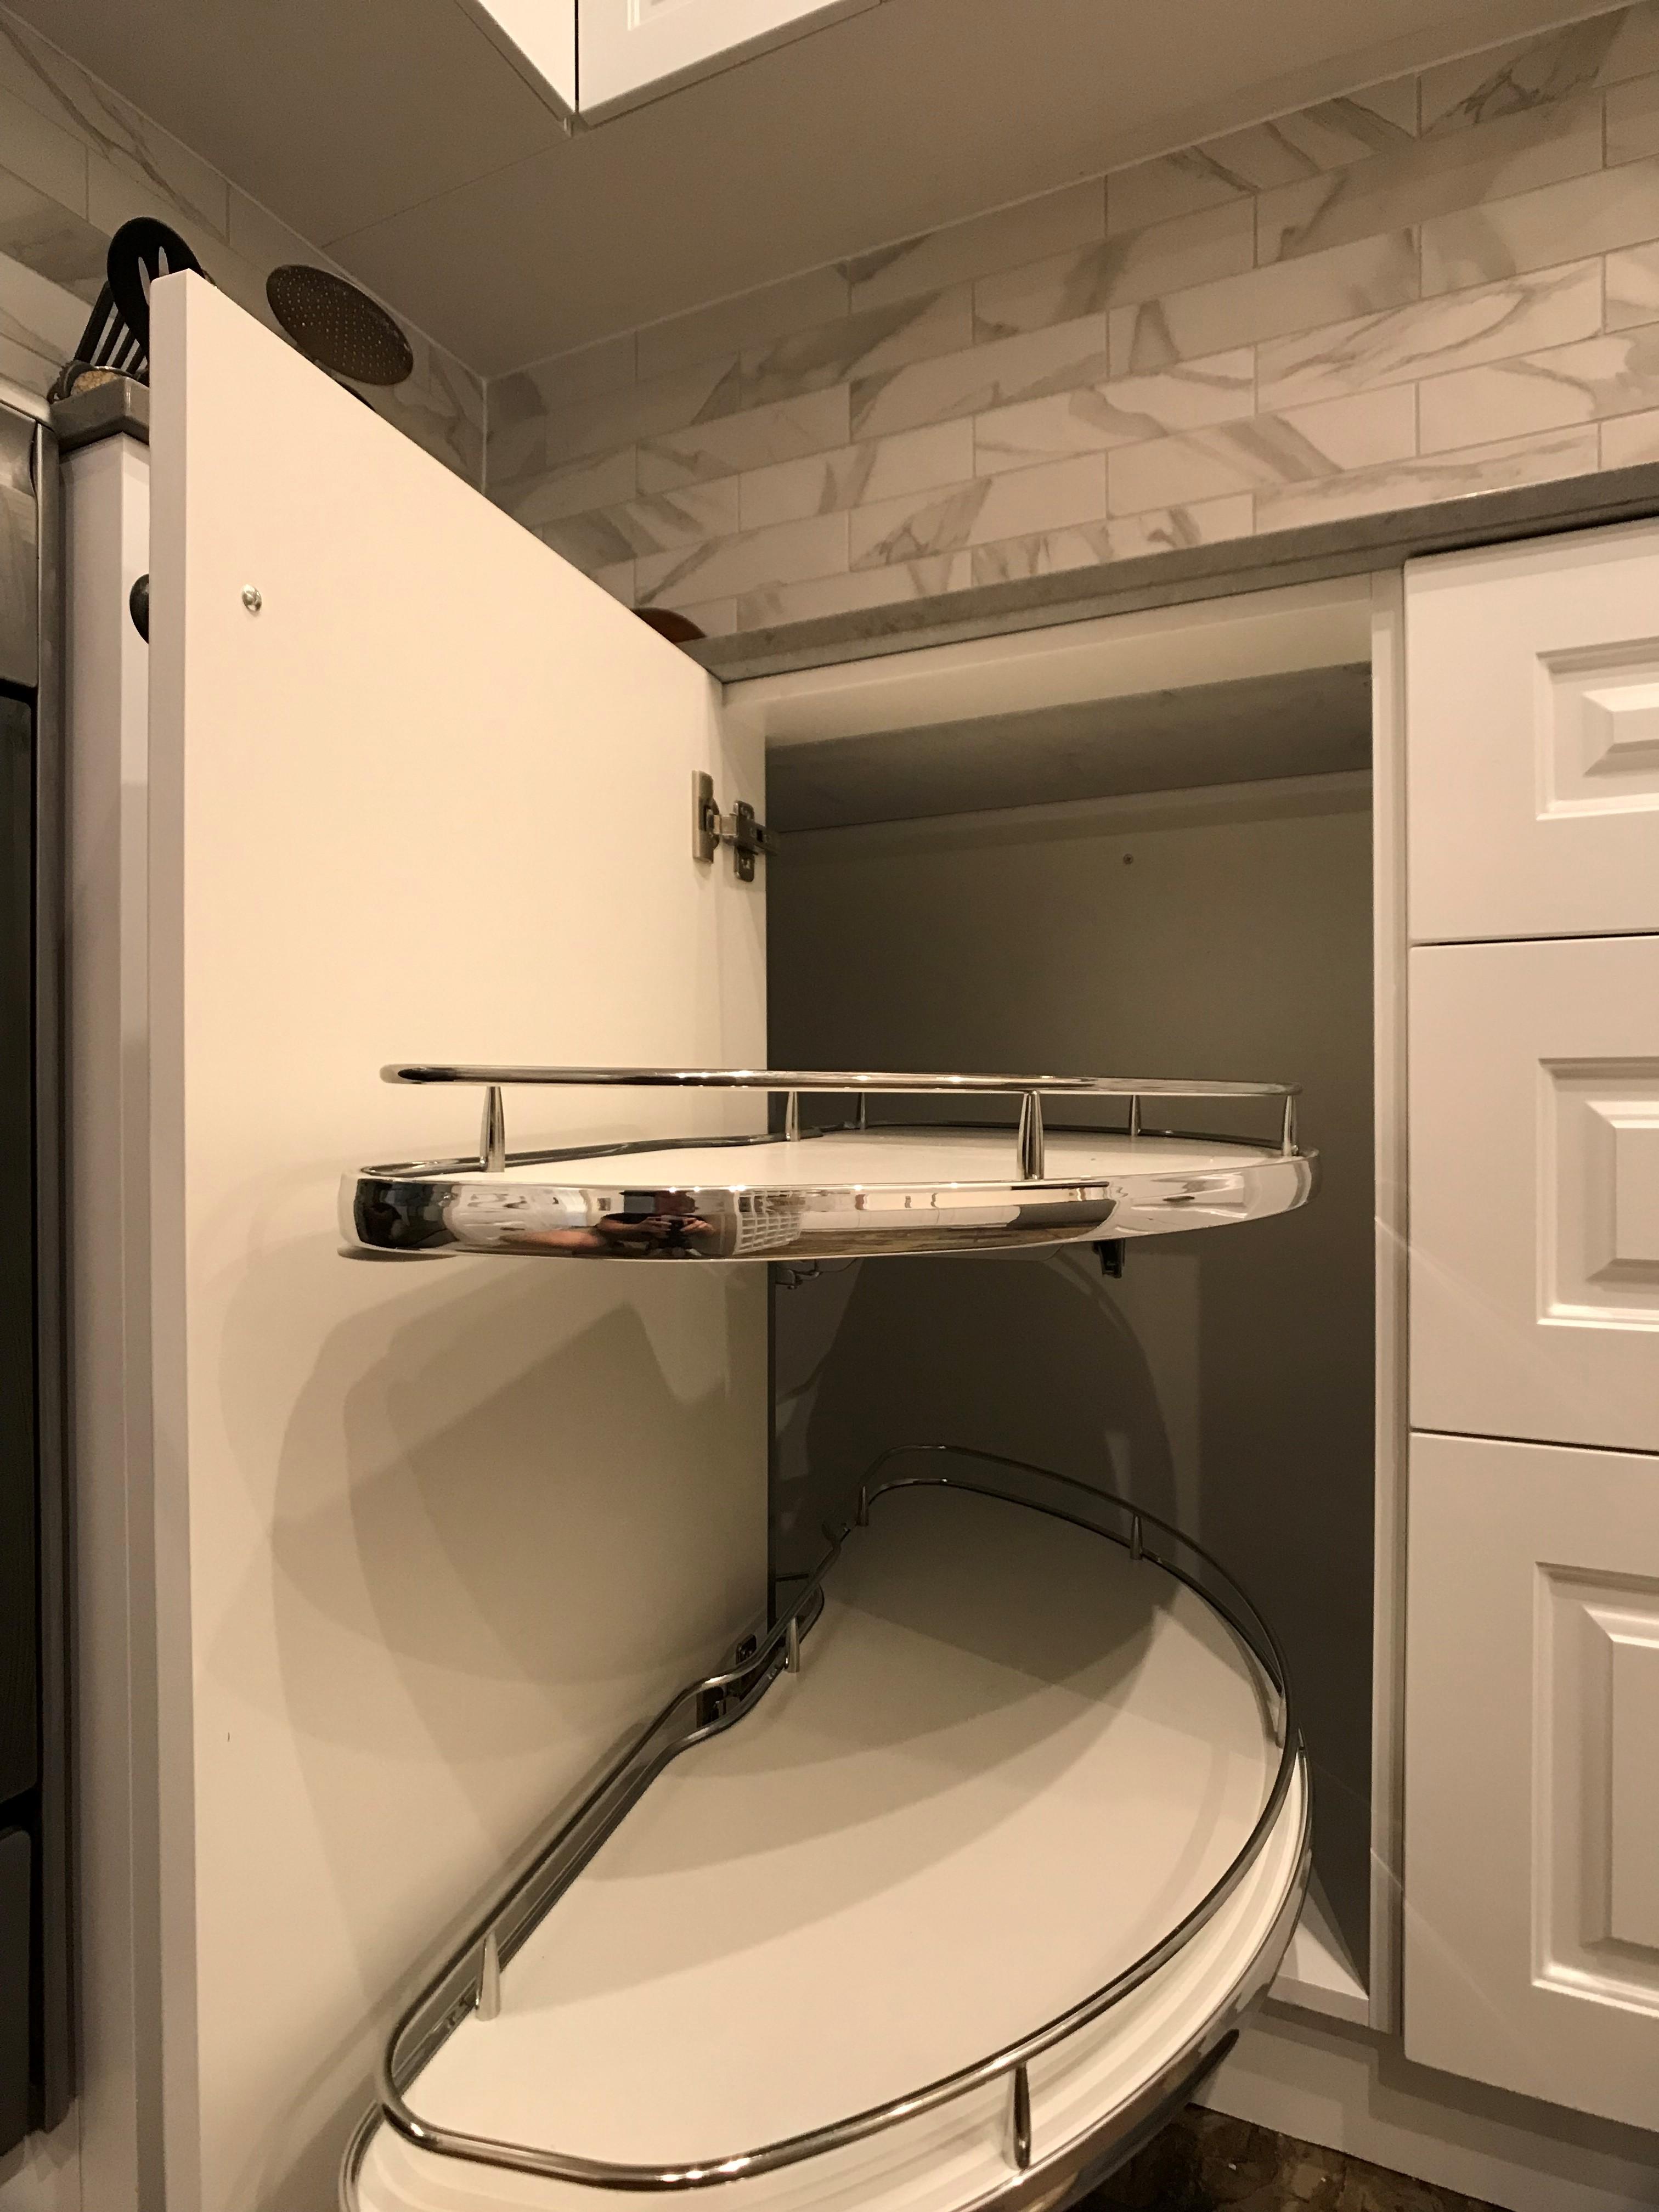 White kitchen pullouts. - Kitchen hardware.